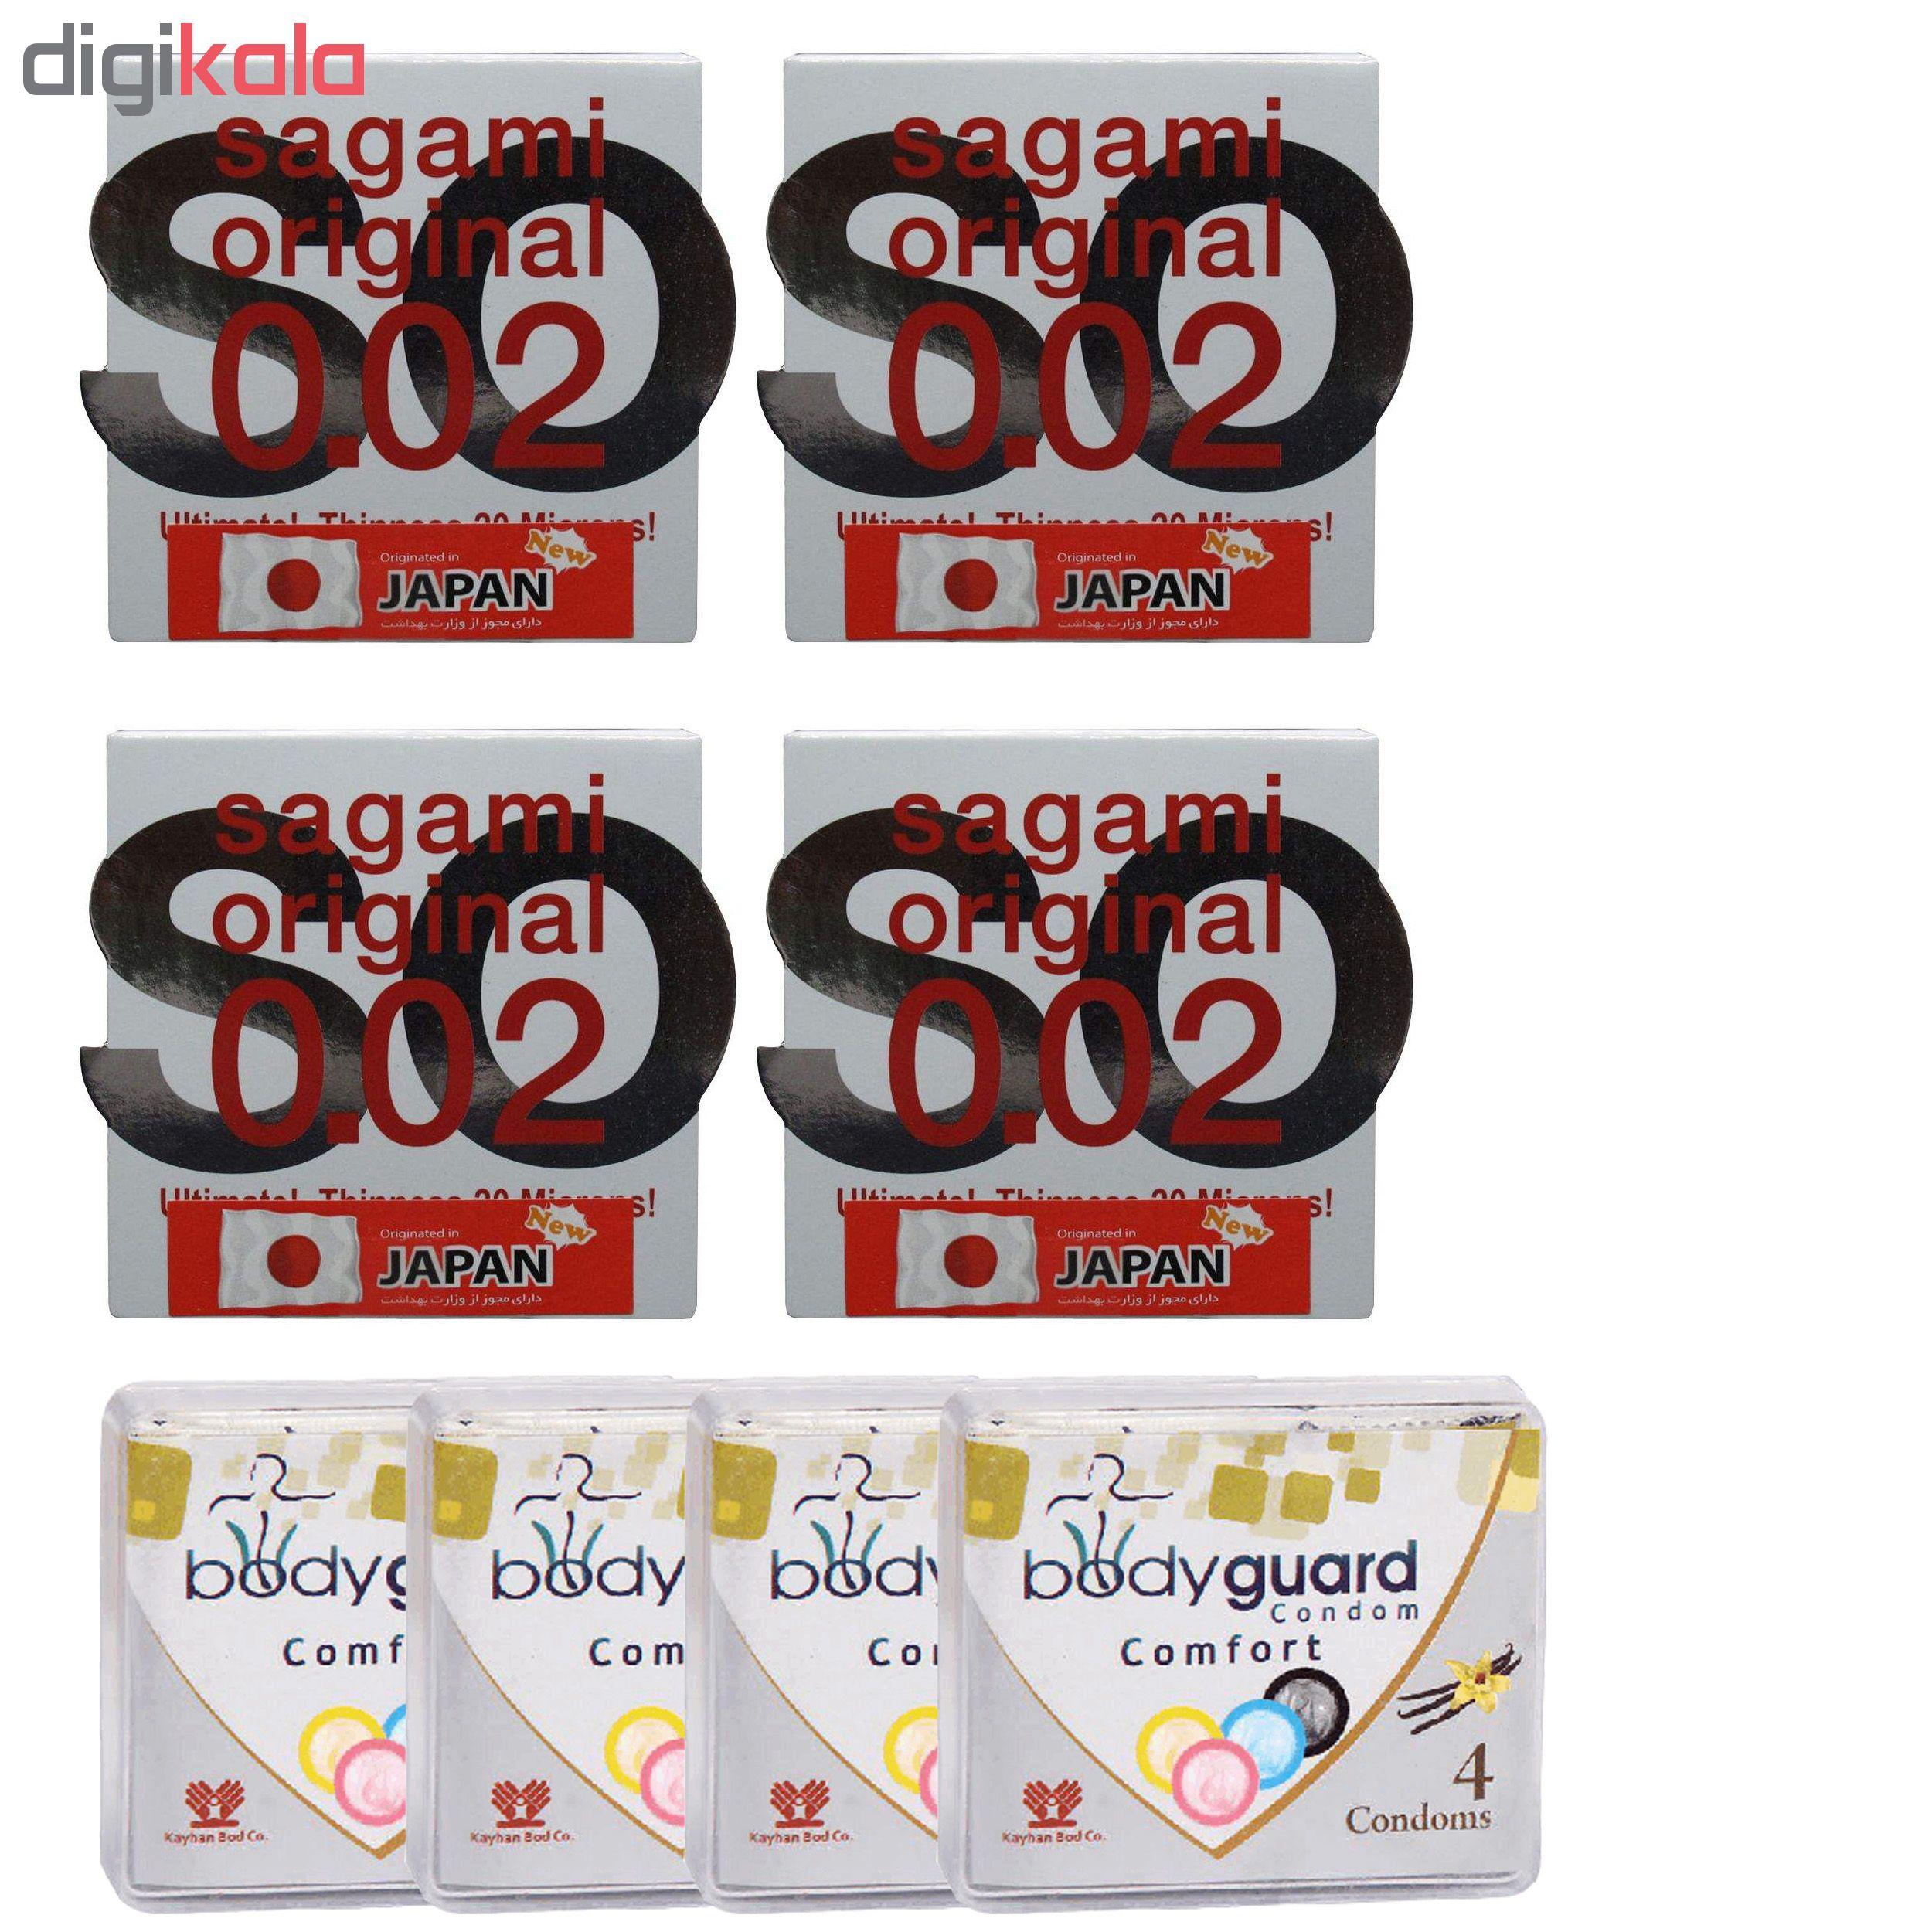 کاندوم ساگامی مدل نرمال مجموعه 4 عددی به همراه کاندوم بادی گارد مدل Comfort مجموعه 4 عددی